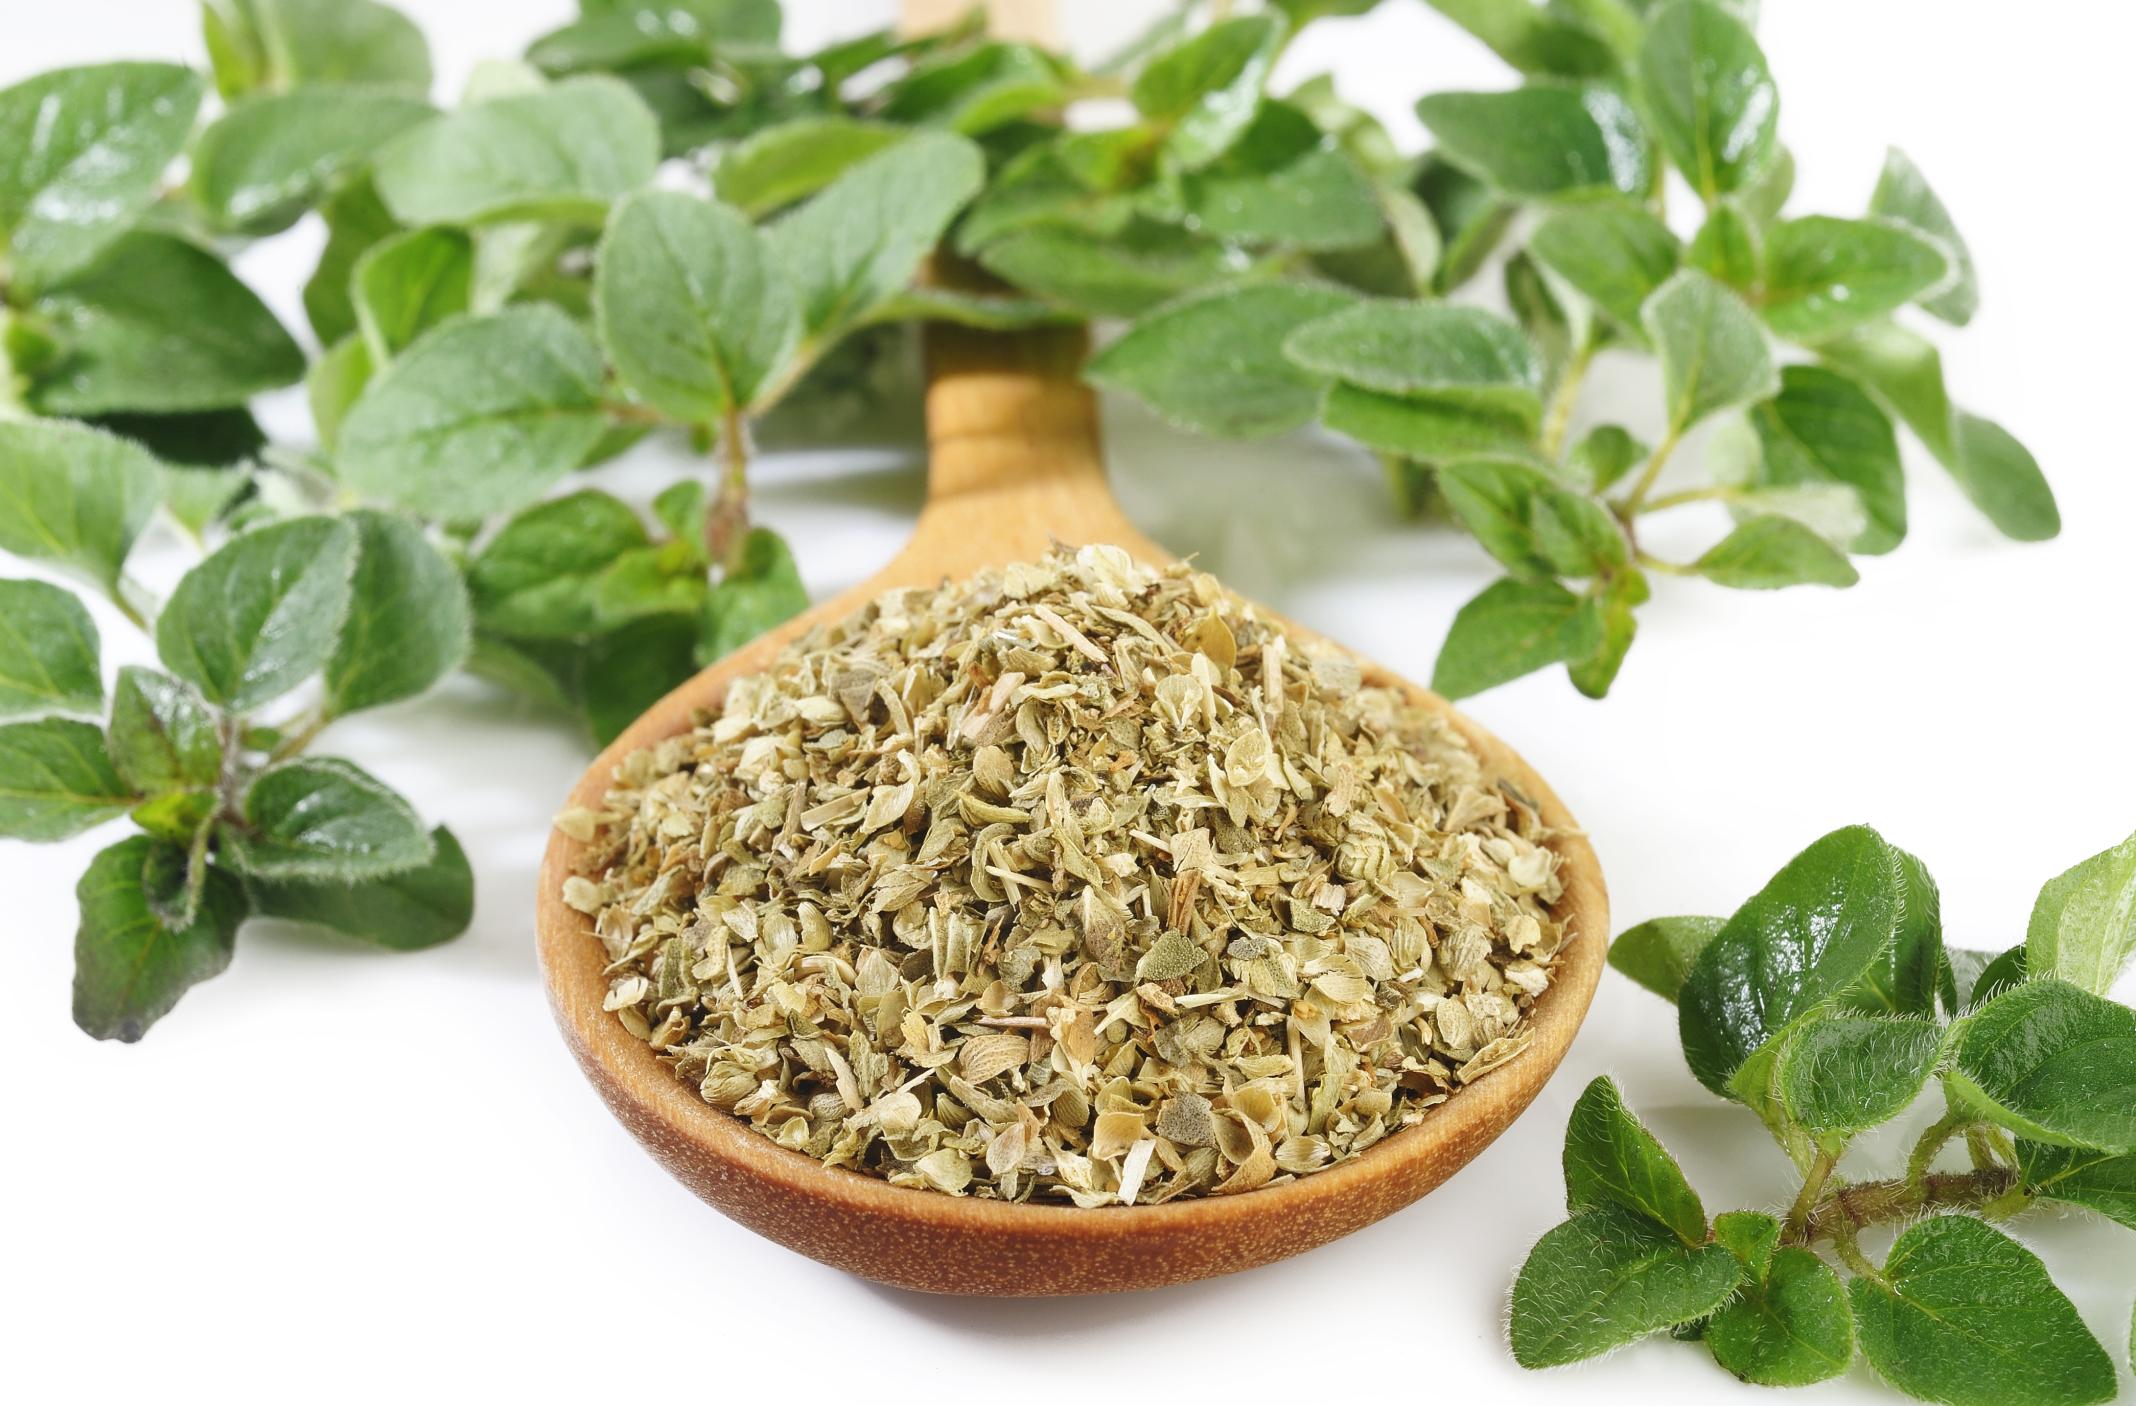 óleo essencial de orégano na aromaterapia